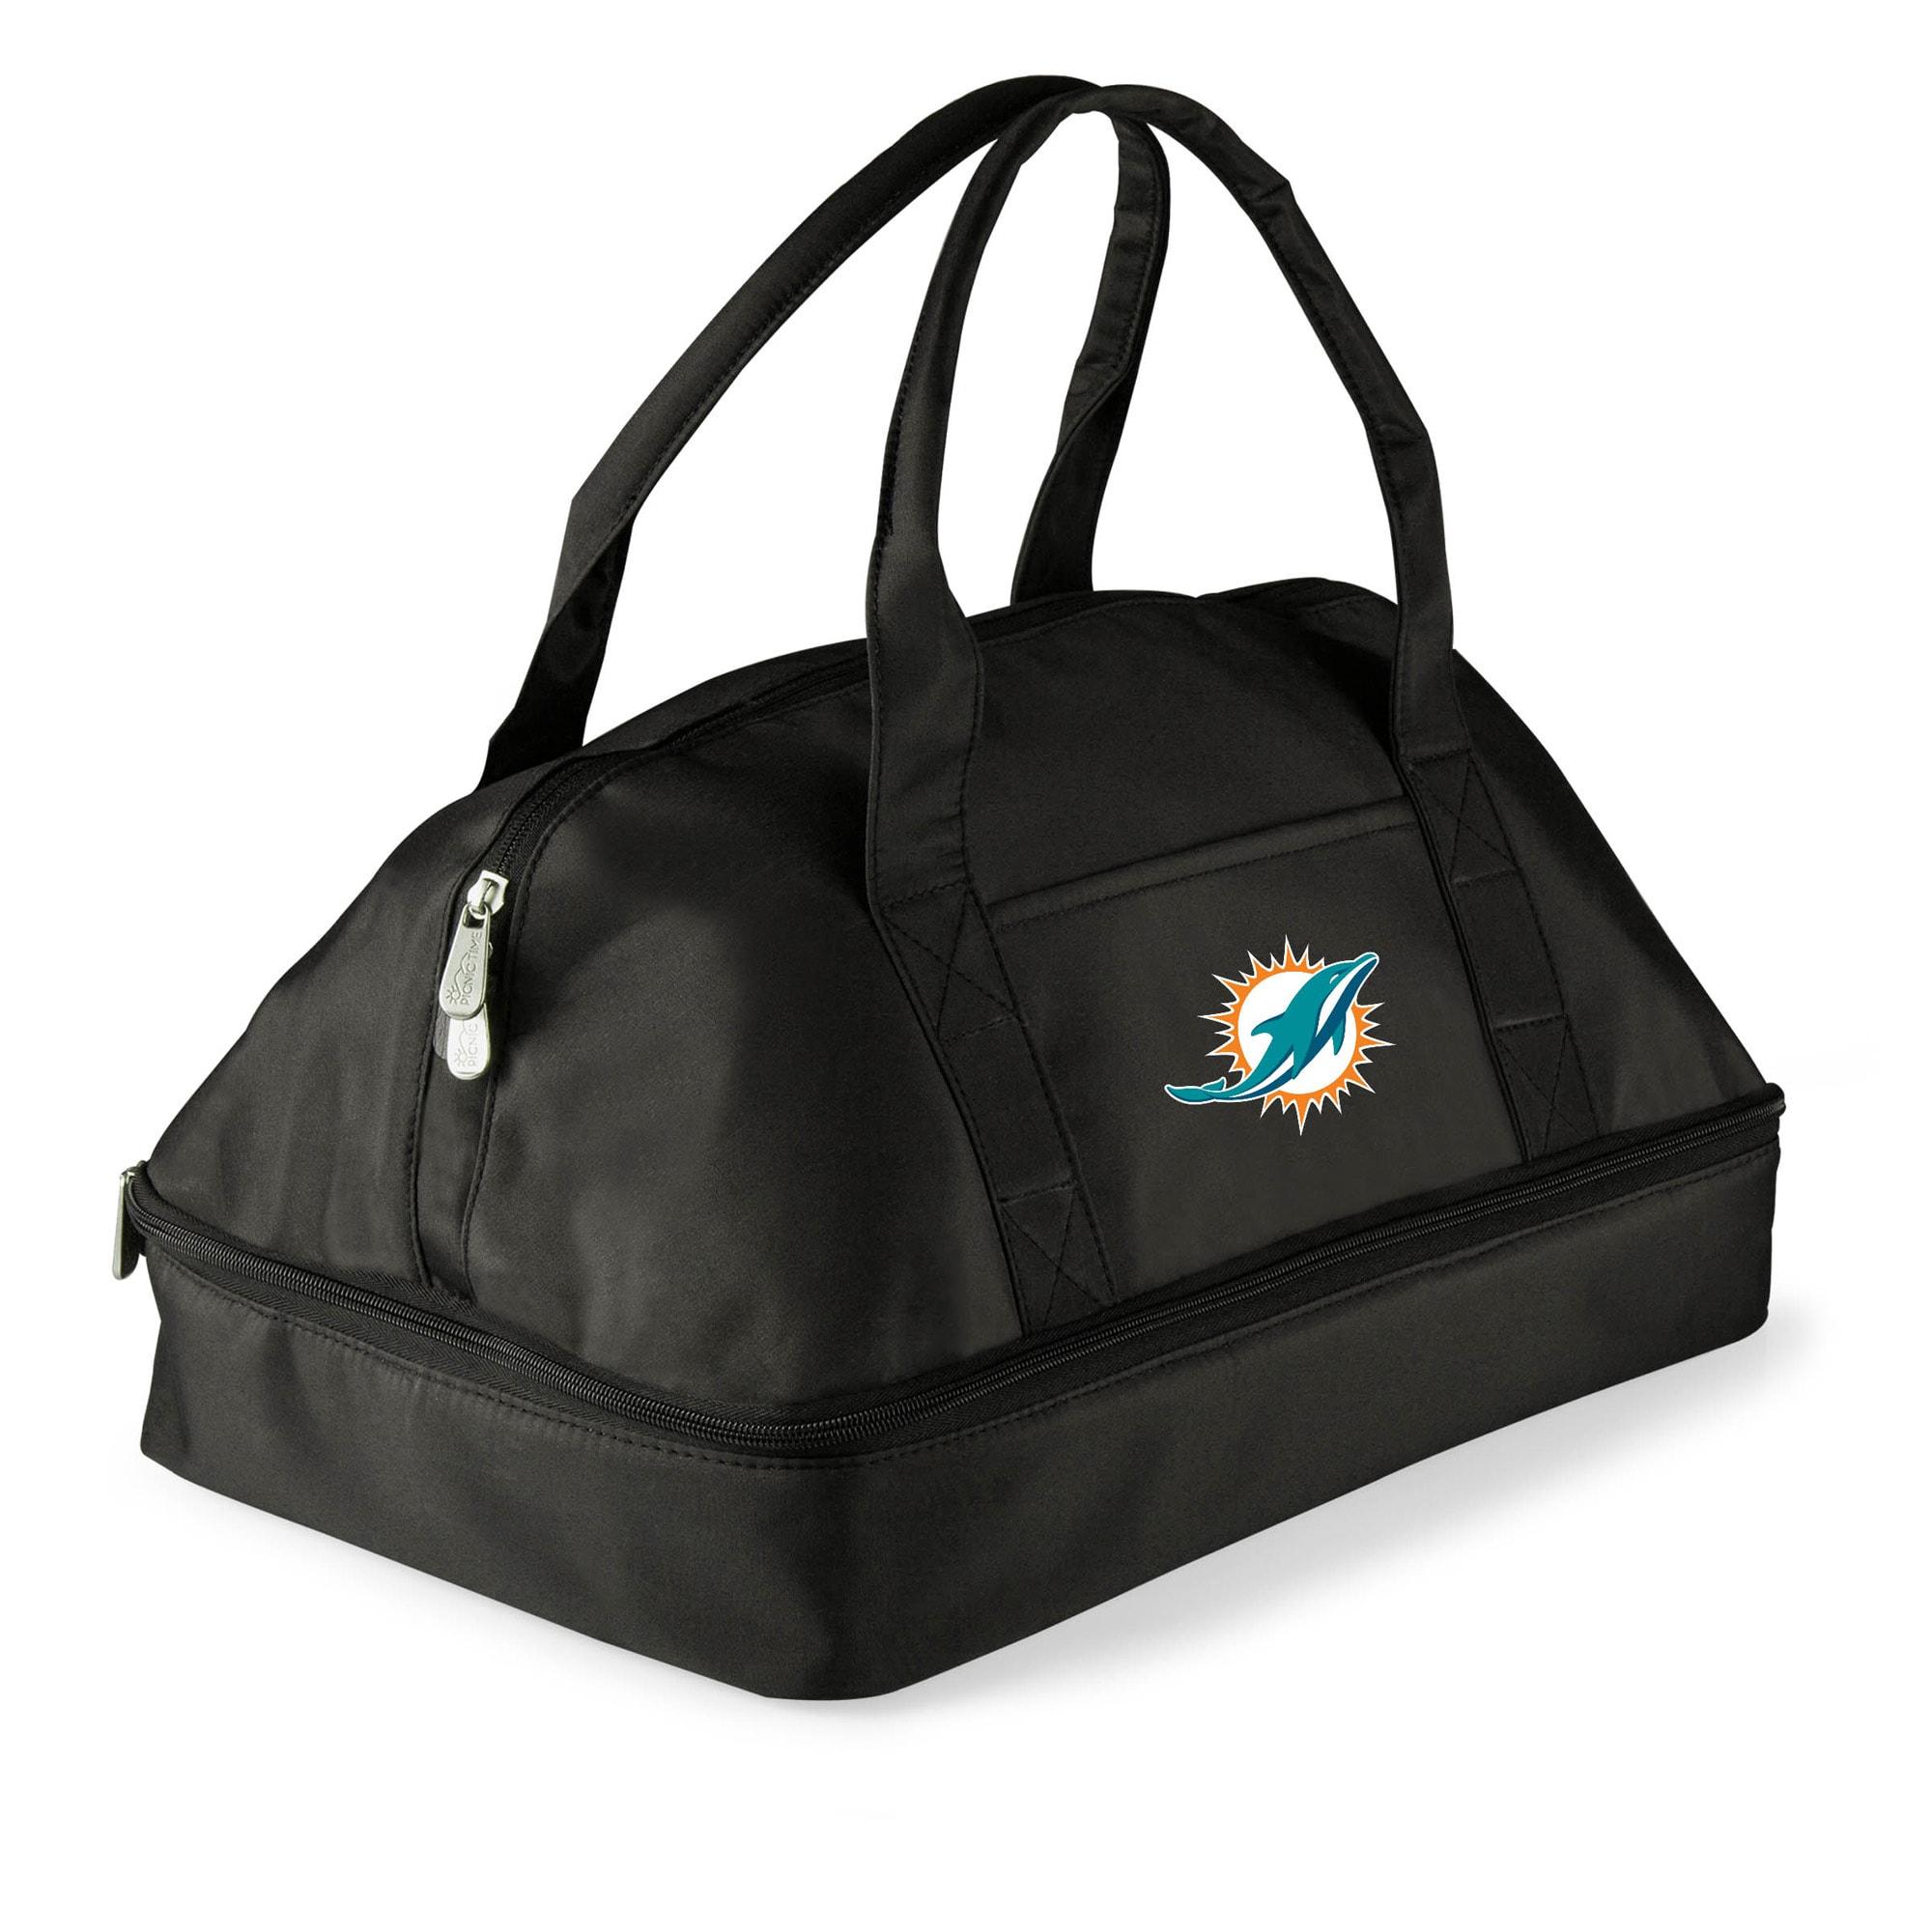 Miami Dolphins Potluck Casserole Tote - Black